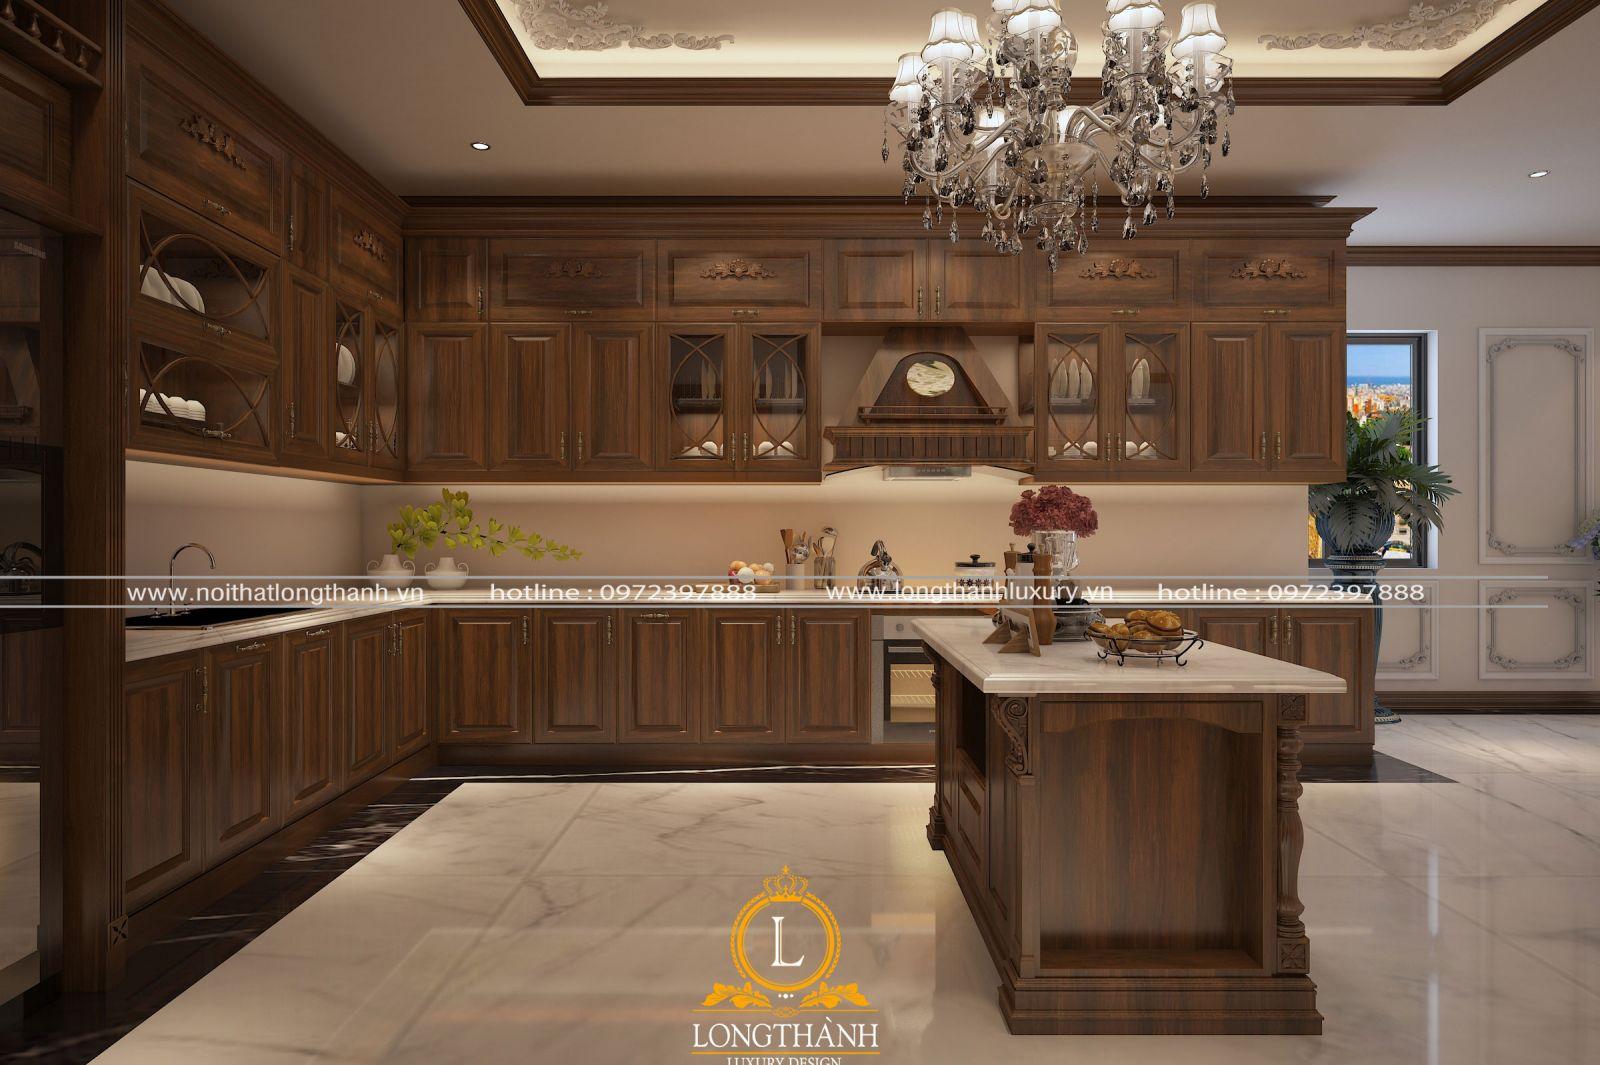 Mẫu tủ bếp từ gỗ Gõ tự nhiên được thiết kế hình chữ L cân đối với không gian nhà bếp